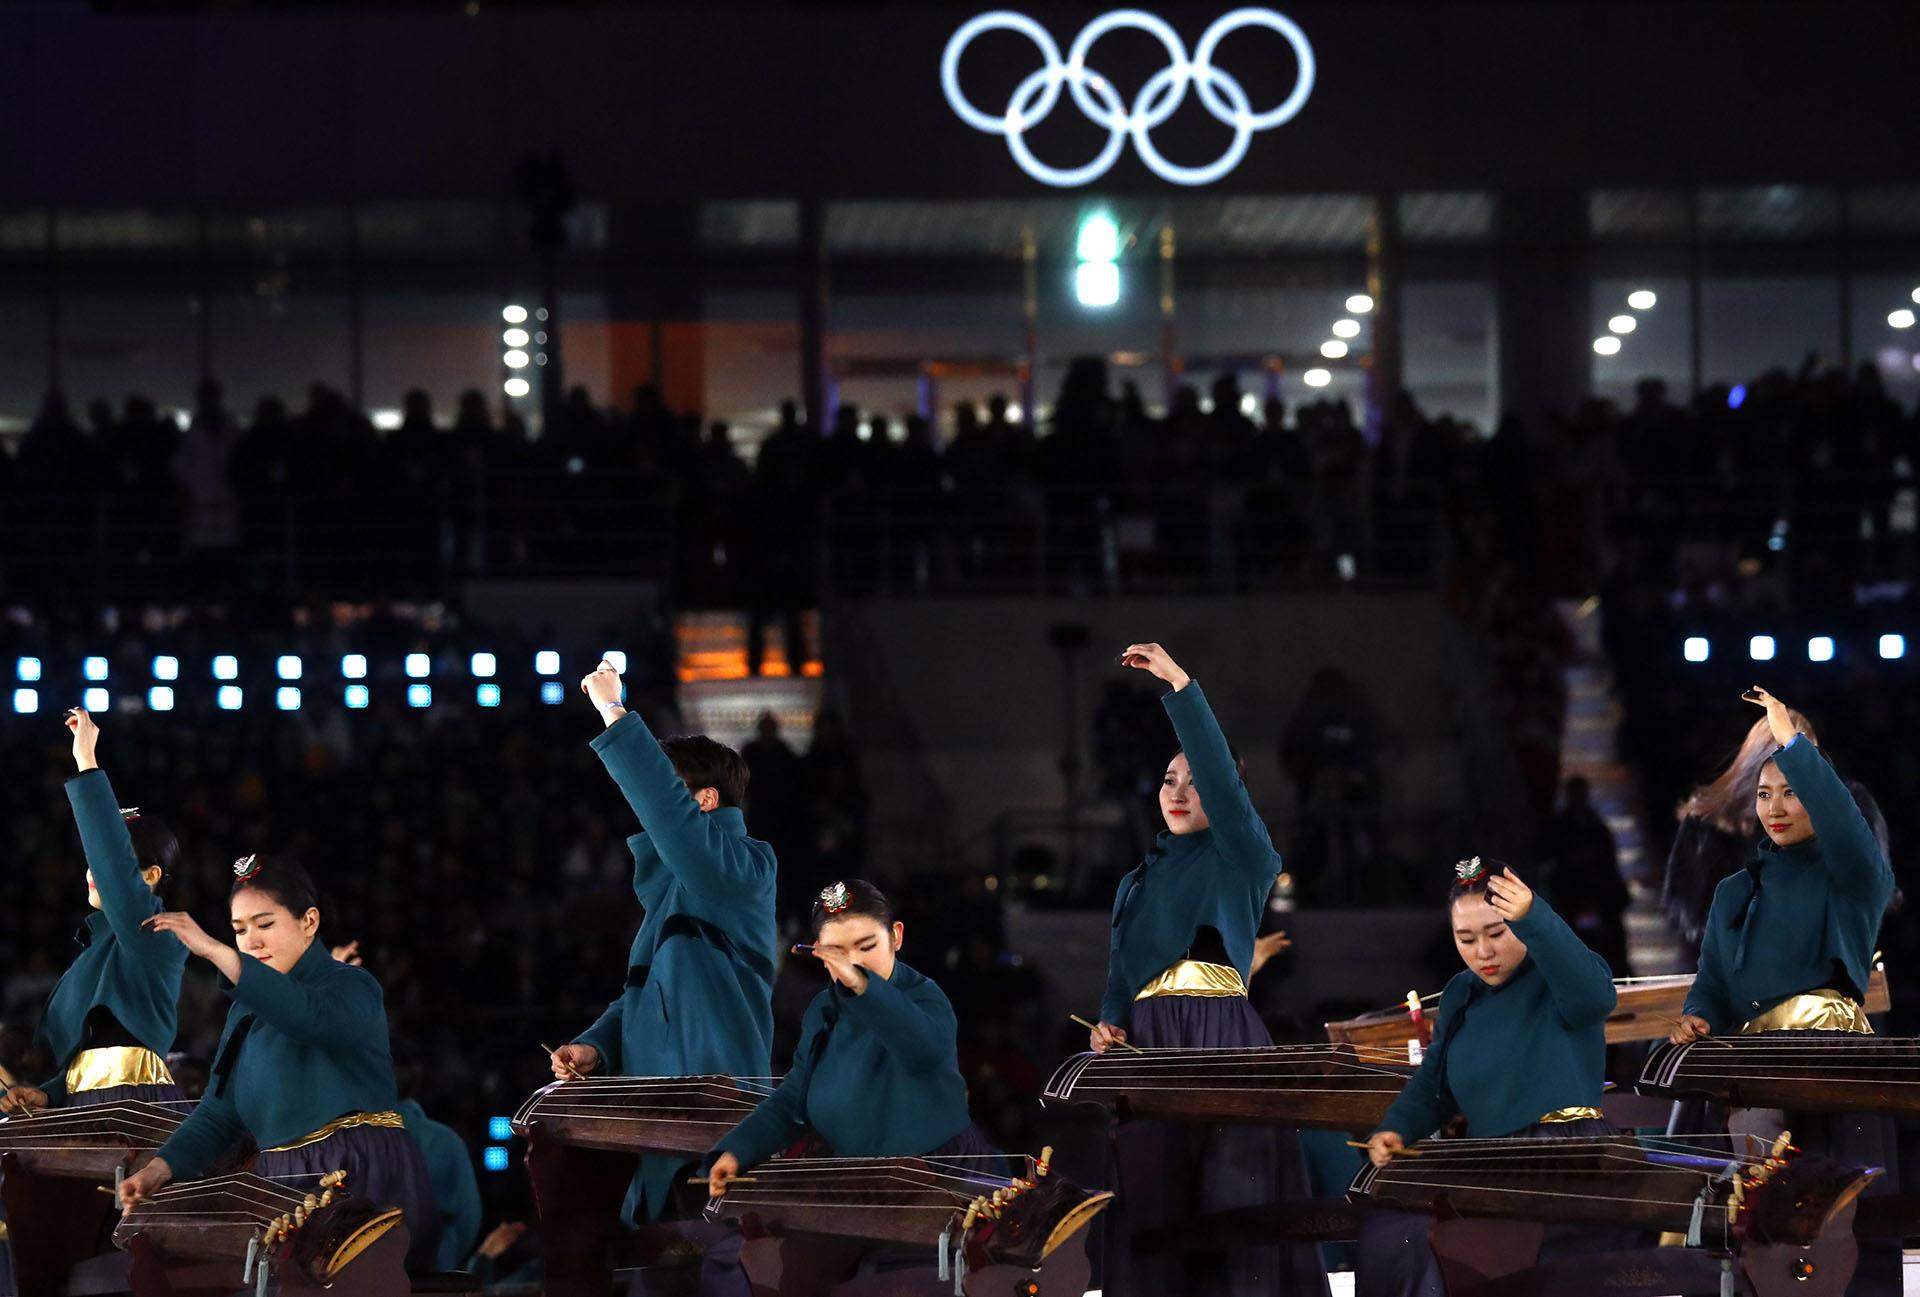 En total sumaron 12 medallas, 4 de plata y 8 de bronce